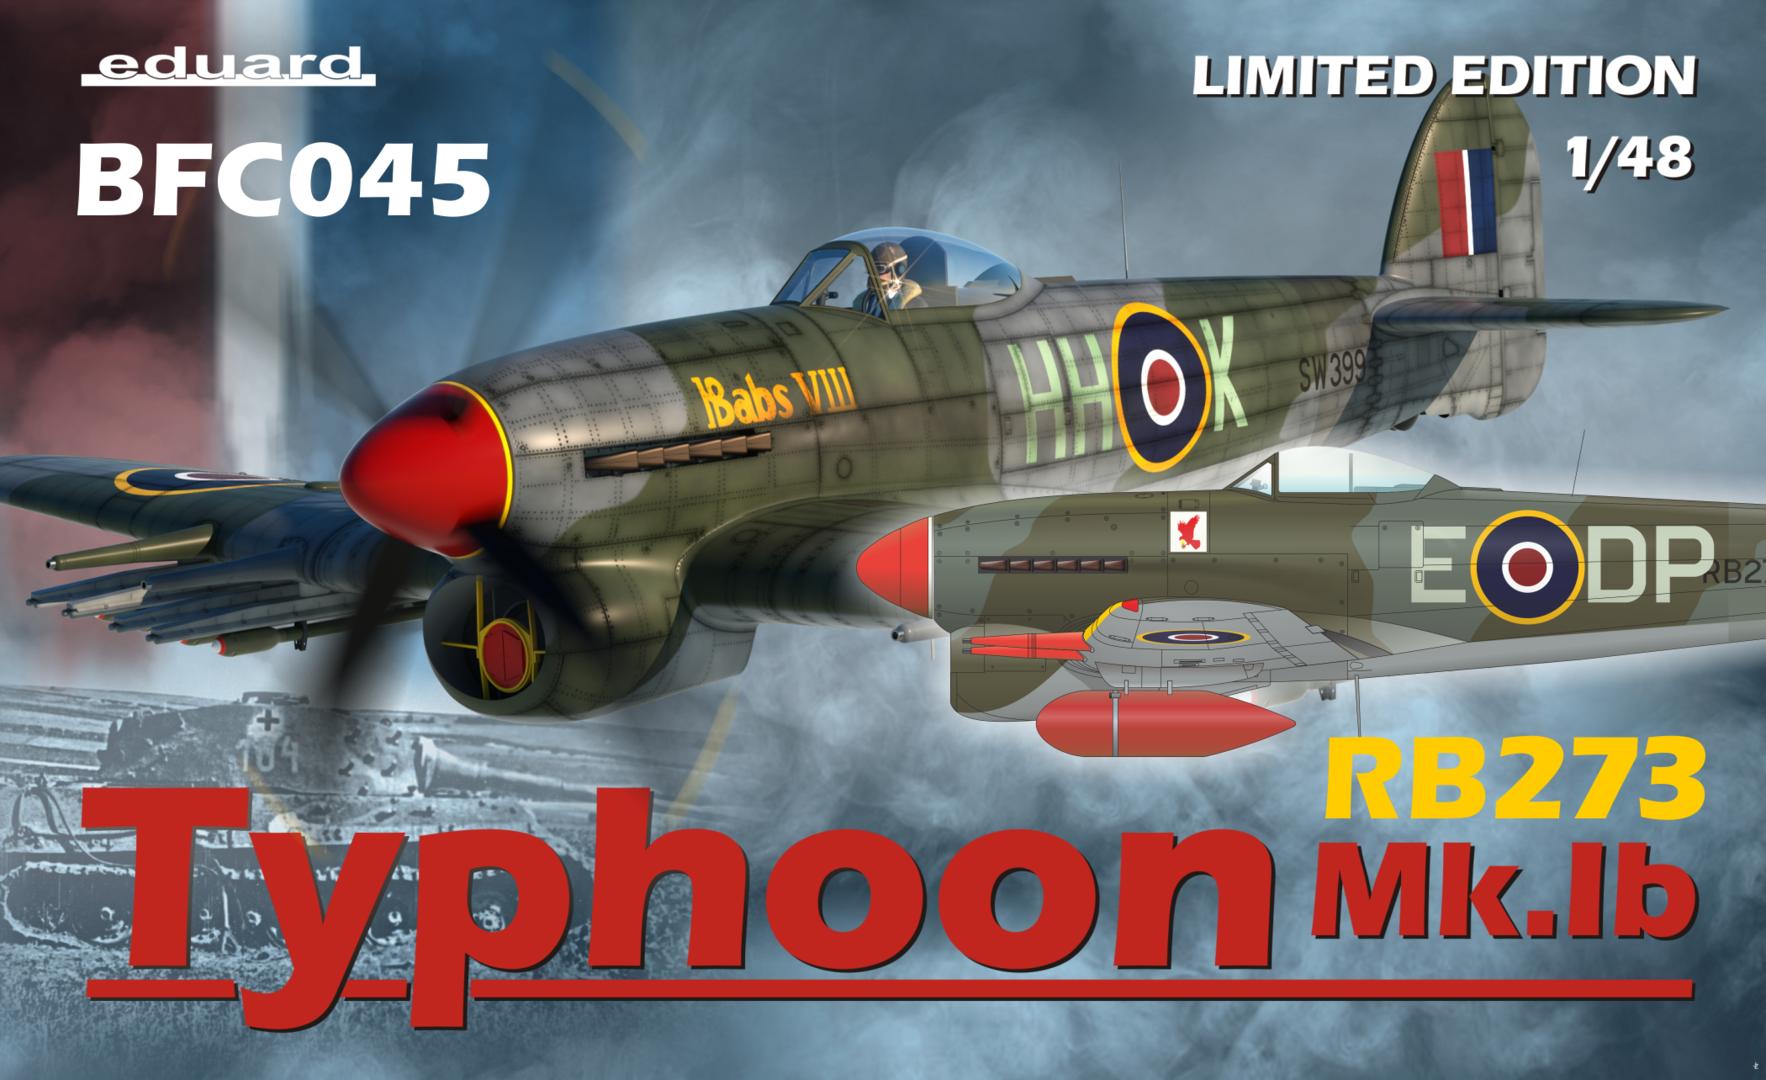 Eduard Zoom FE1028 1//48 Hawker Typhoon Mk.Ib Bubbletop Hasegawa